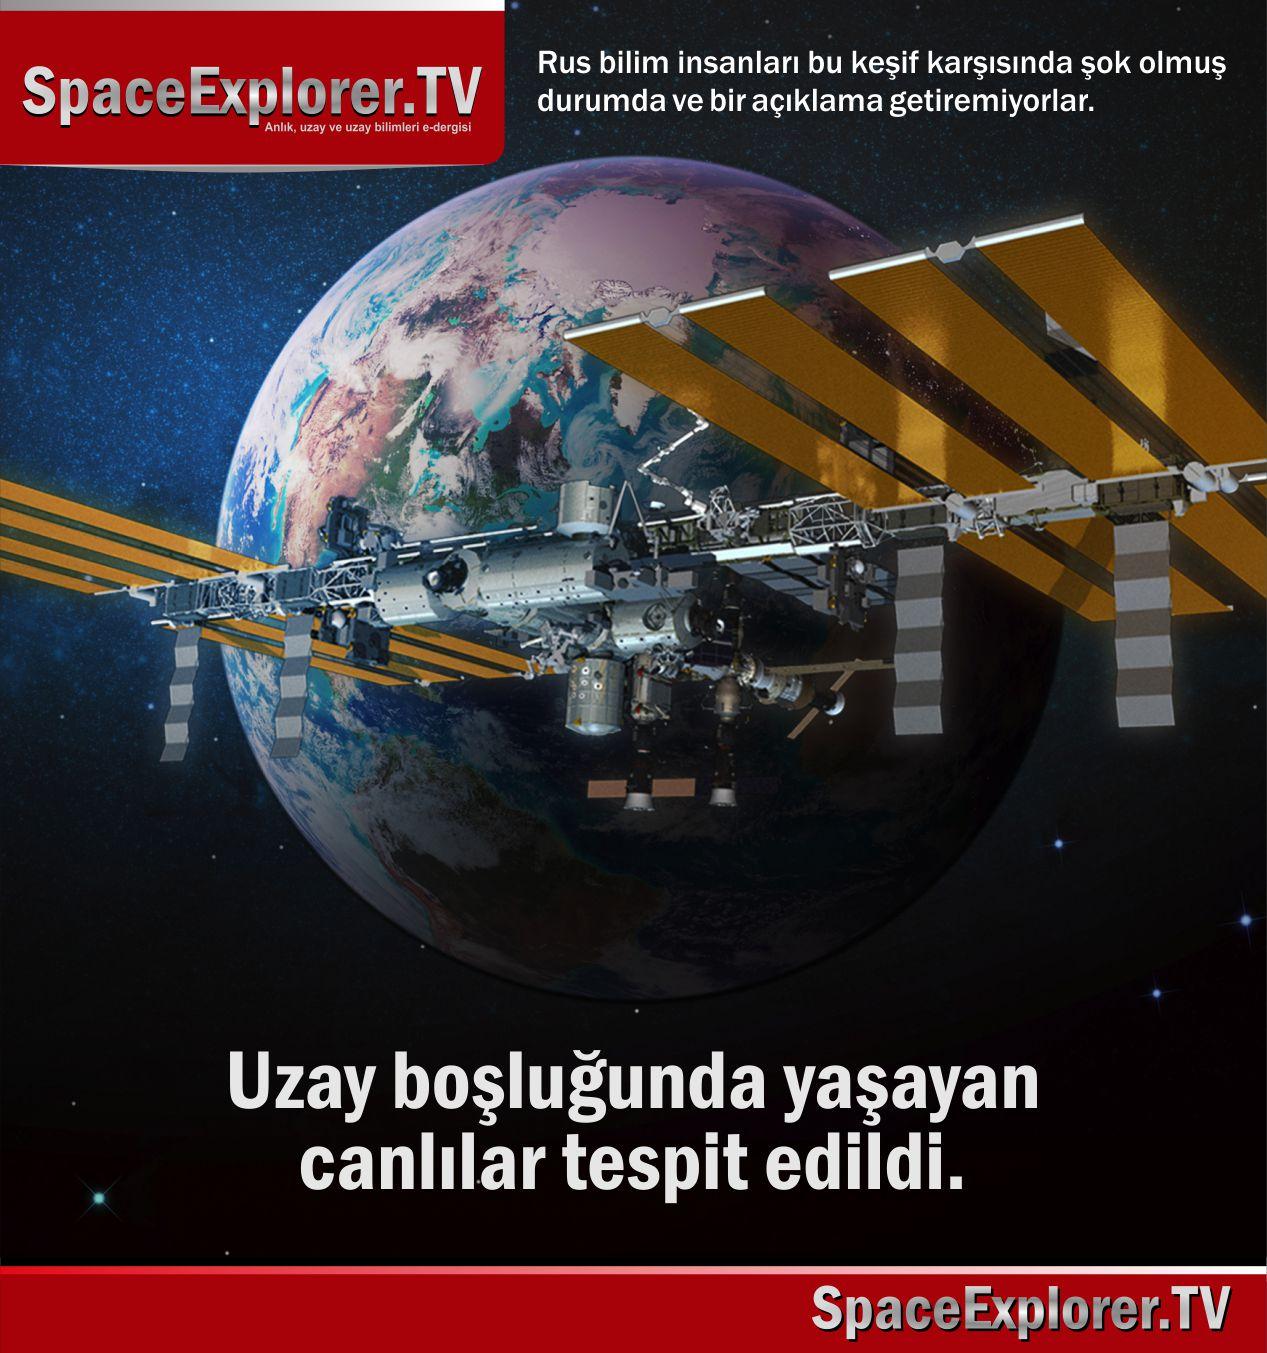 ISS, Uluslar Arası Uzay İstasyonu, Rusya, Rusya uzay araştırmaları, Tardigrade, Su ayısı, Space Explorer, Uzayda yaşayan canlılar, Uzayda hayat var mı?,